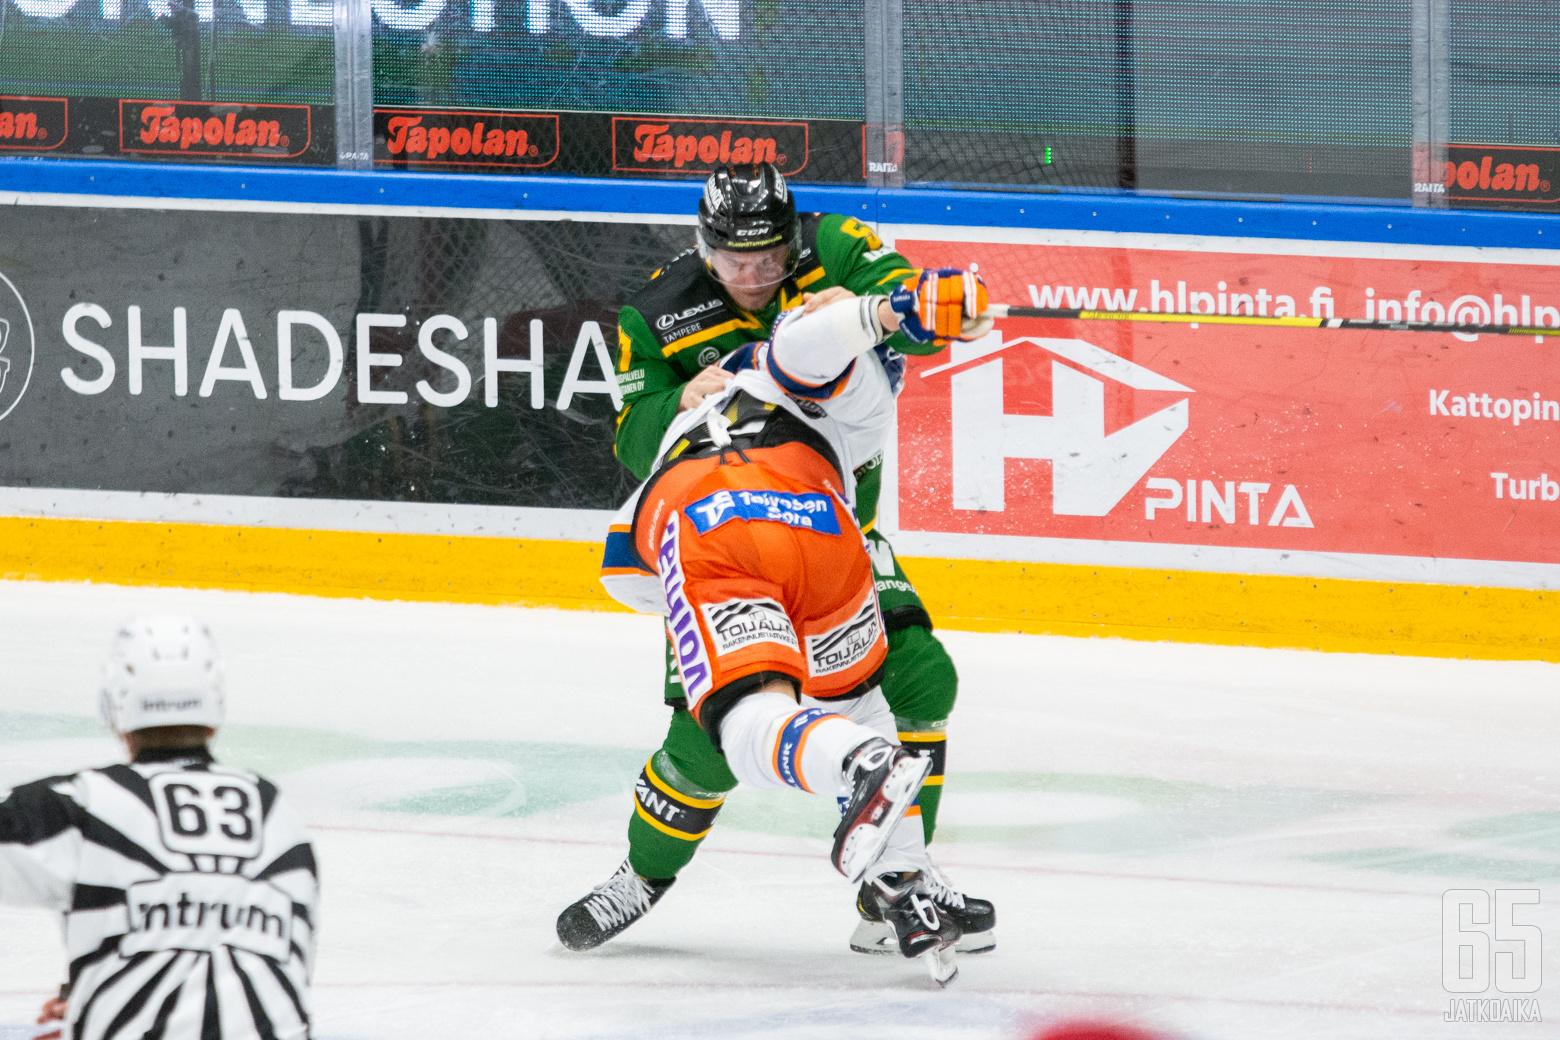 Jarkko Juhani Hakala